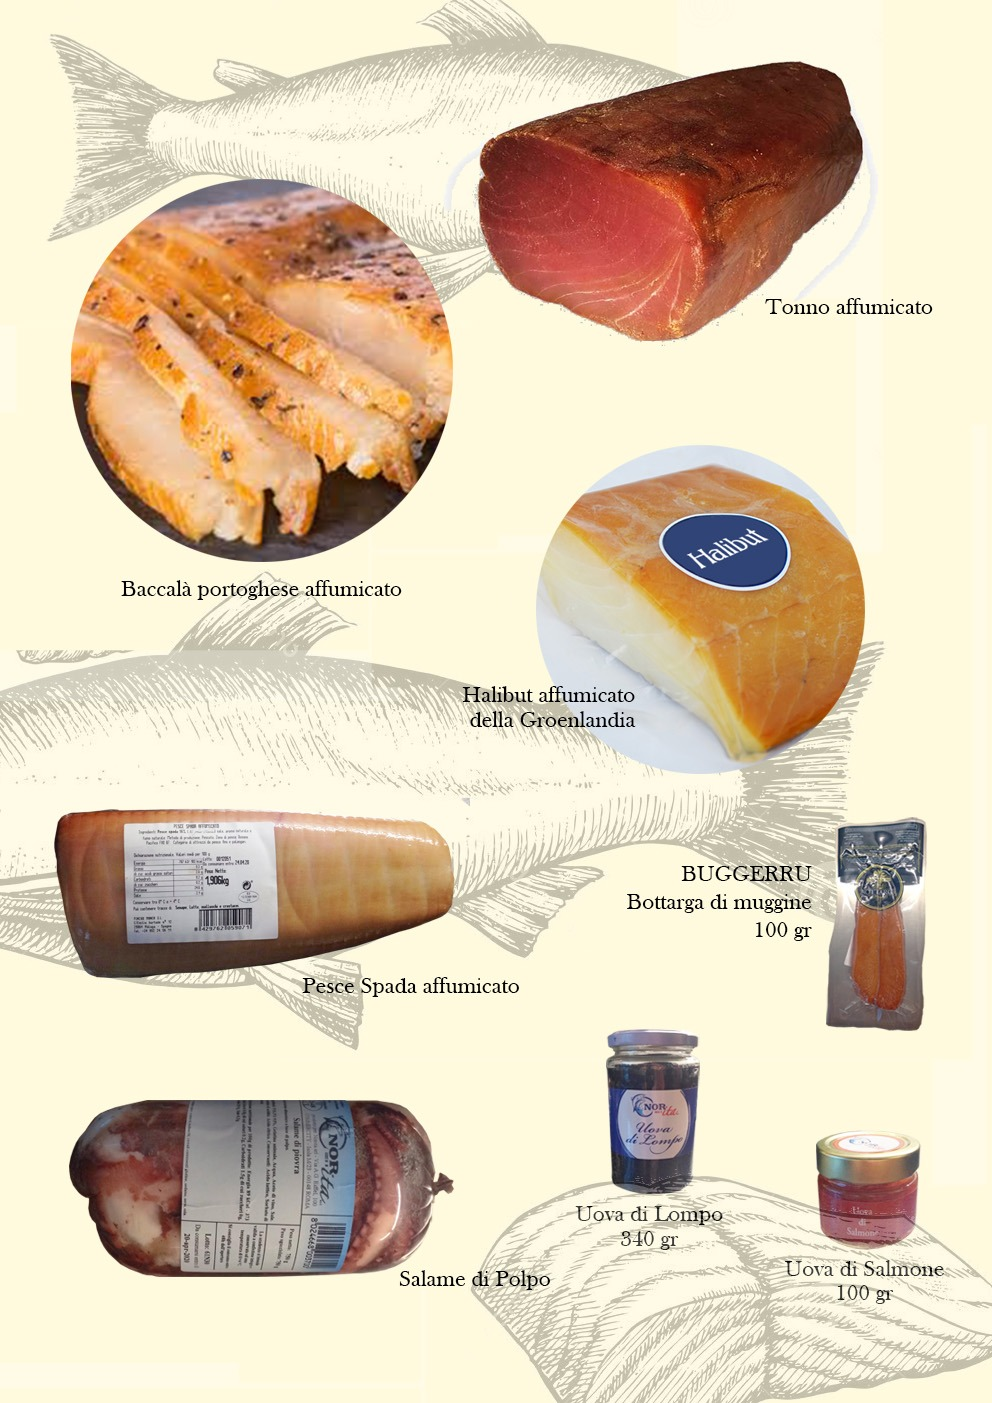 La Salmoneria, i nostri prodotti a casa tua!